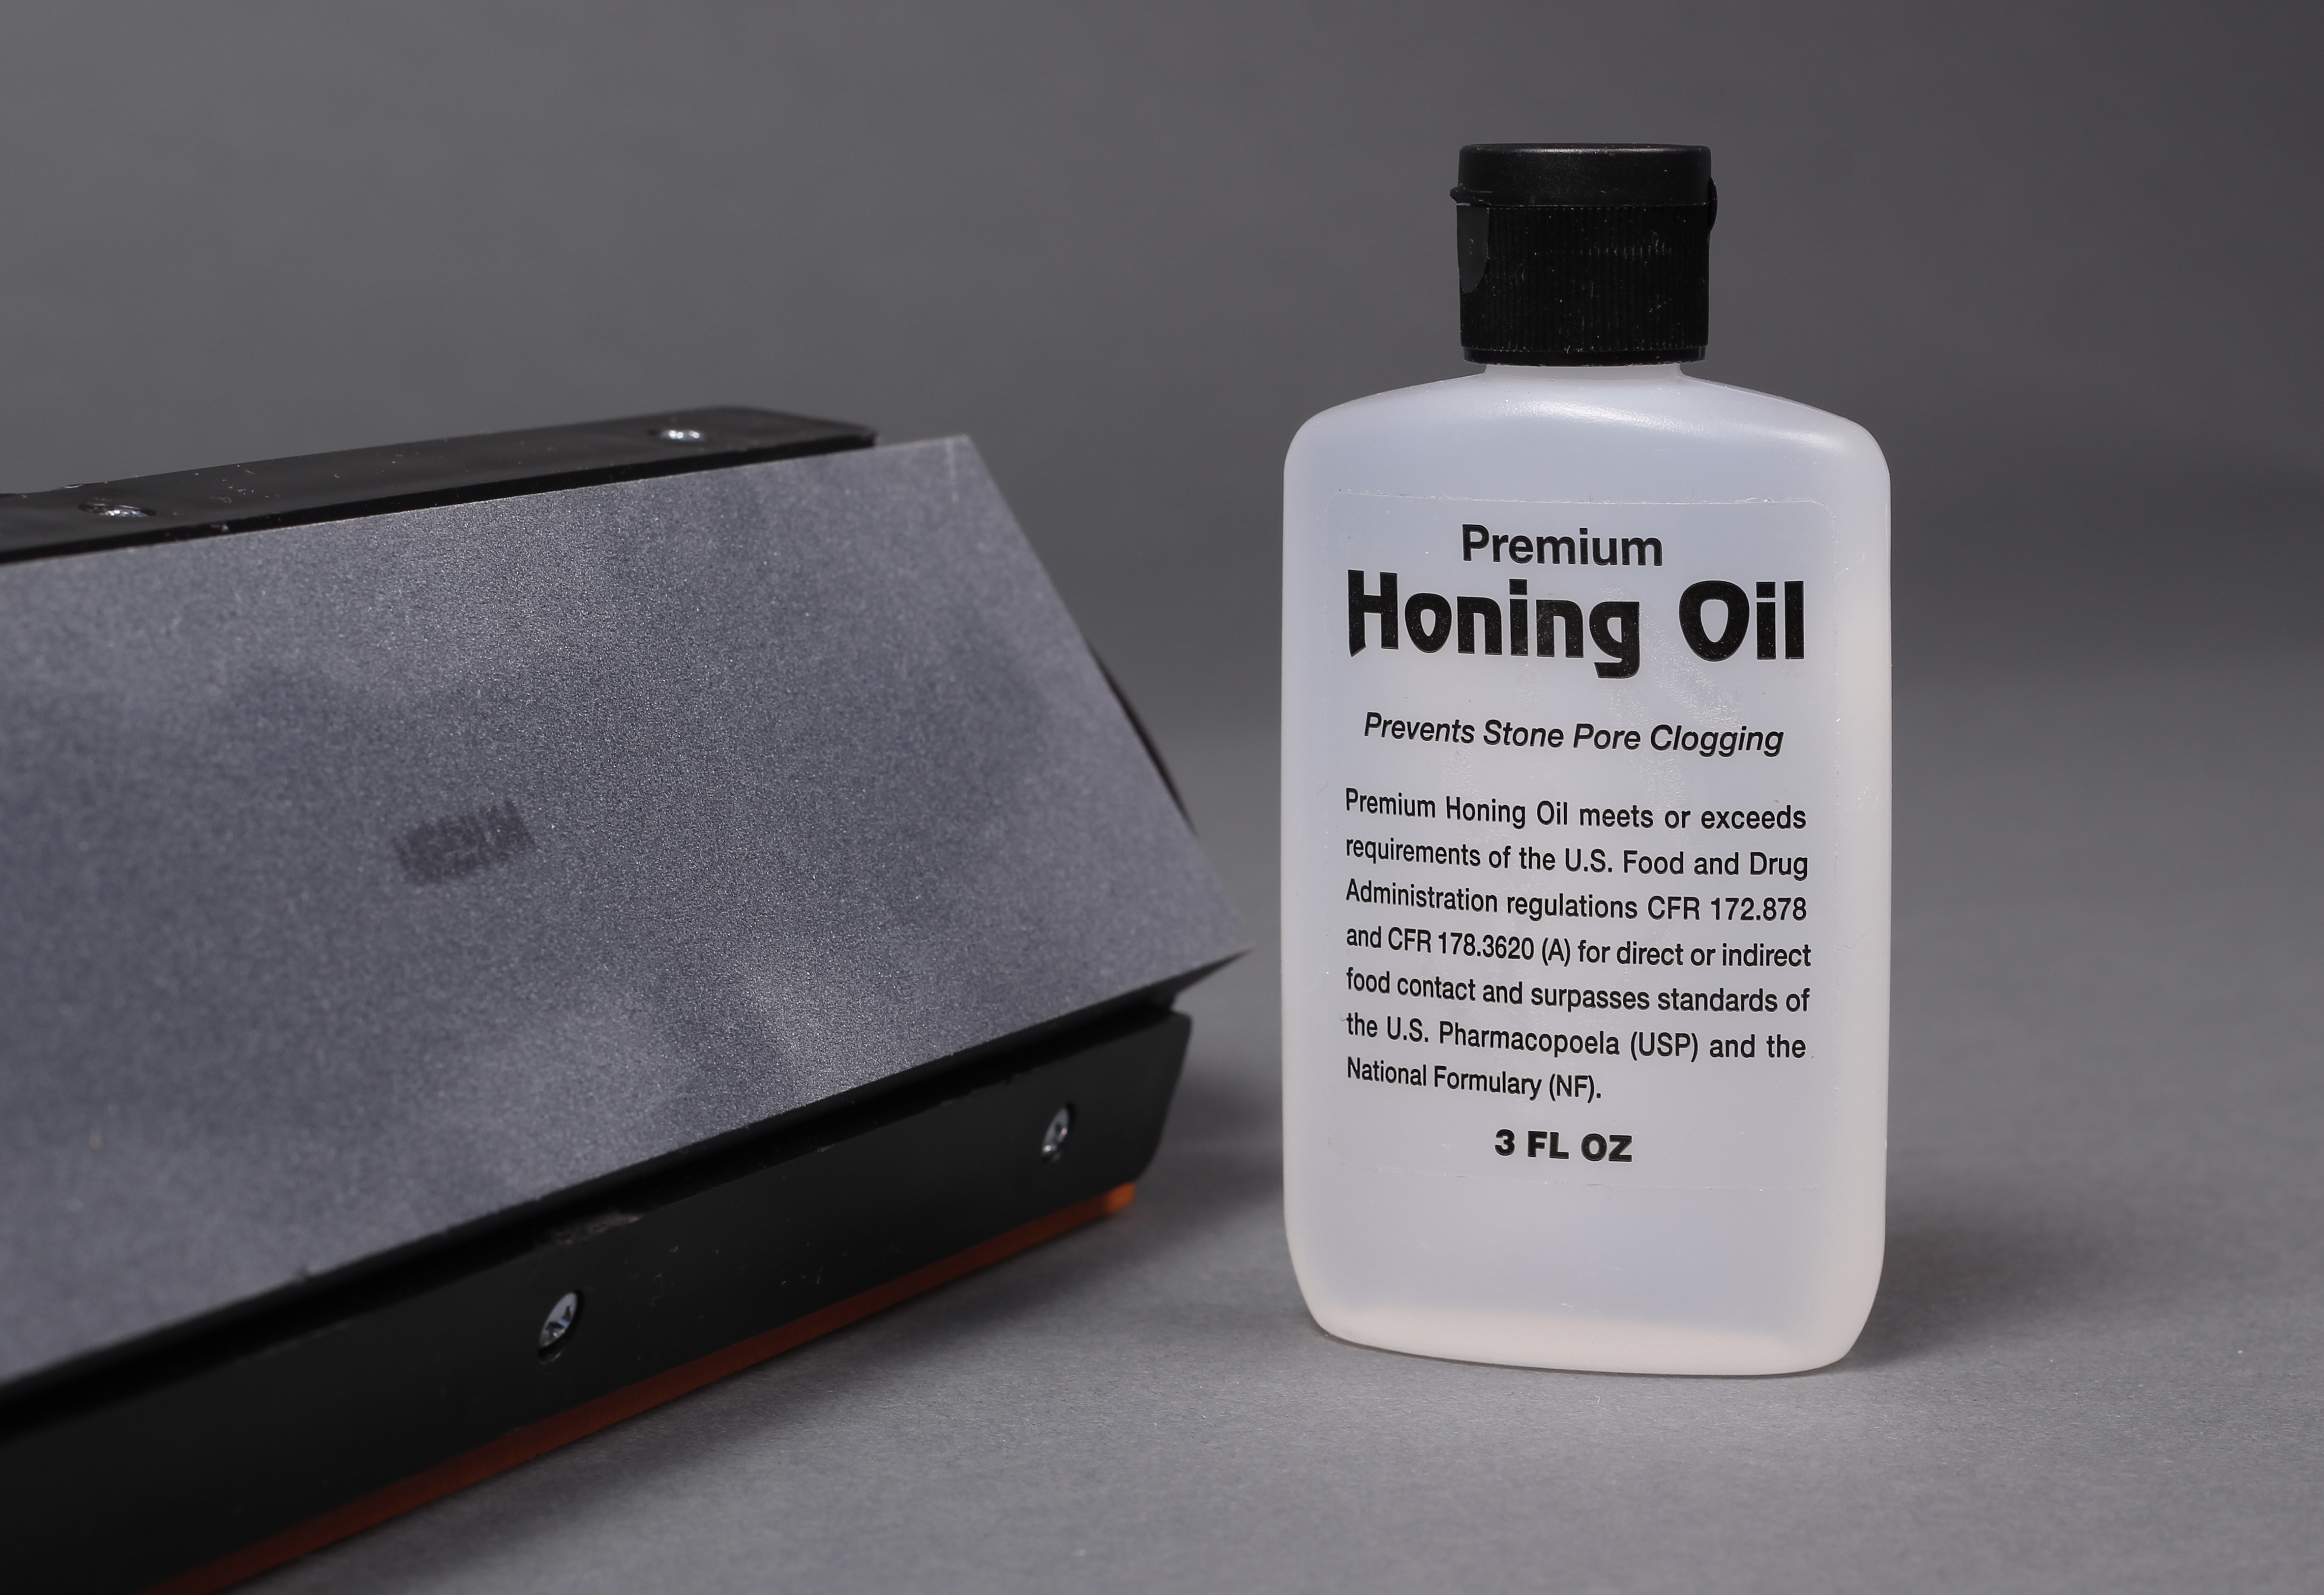 HoningOil